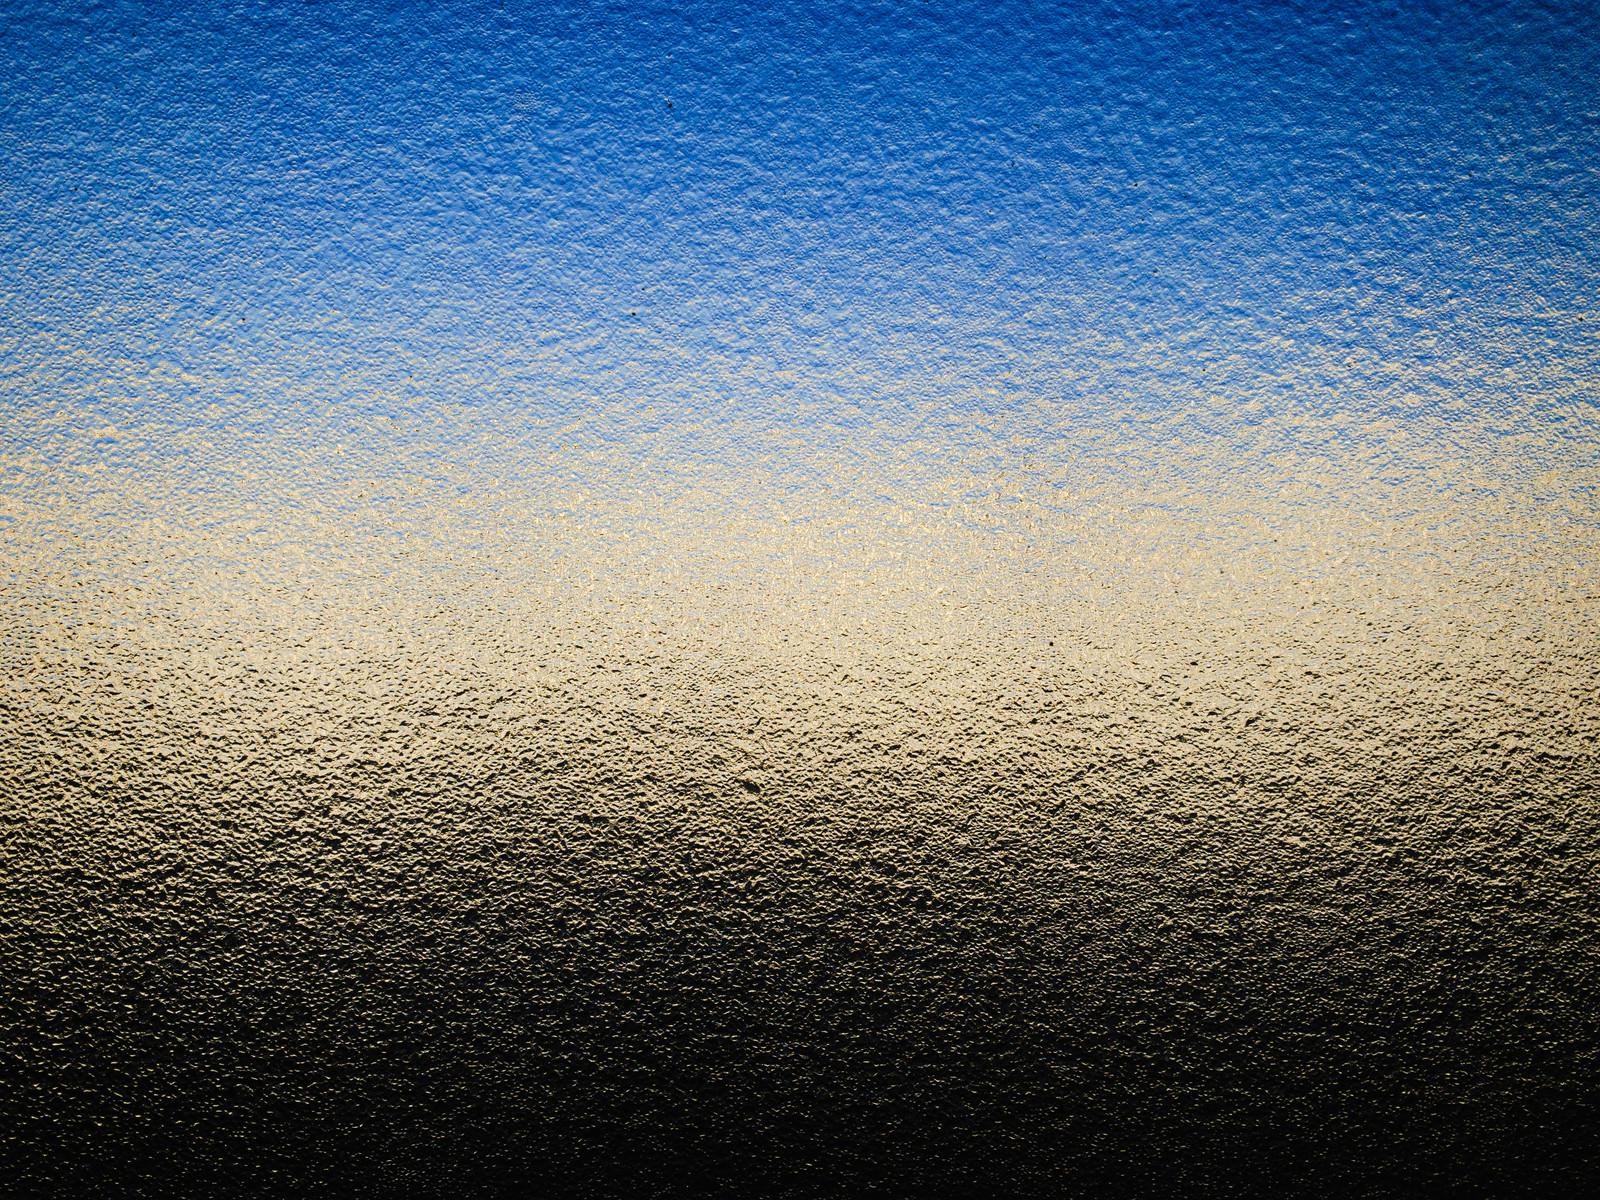 「すりガラス越しの青空(テクスチャ)」の写真